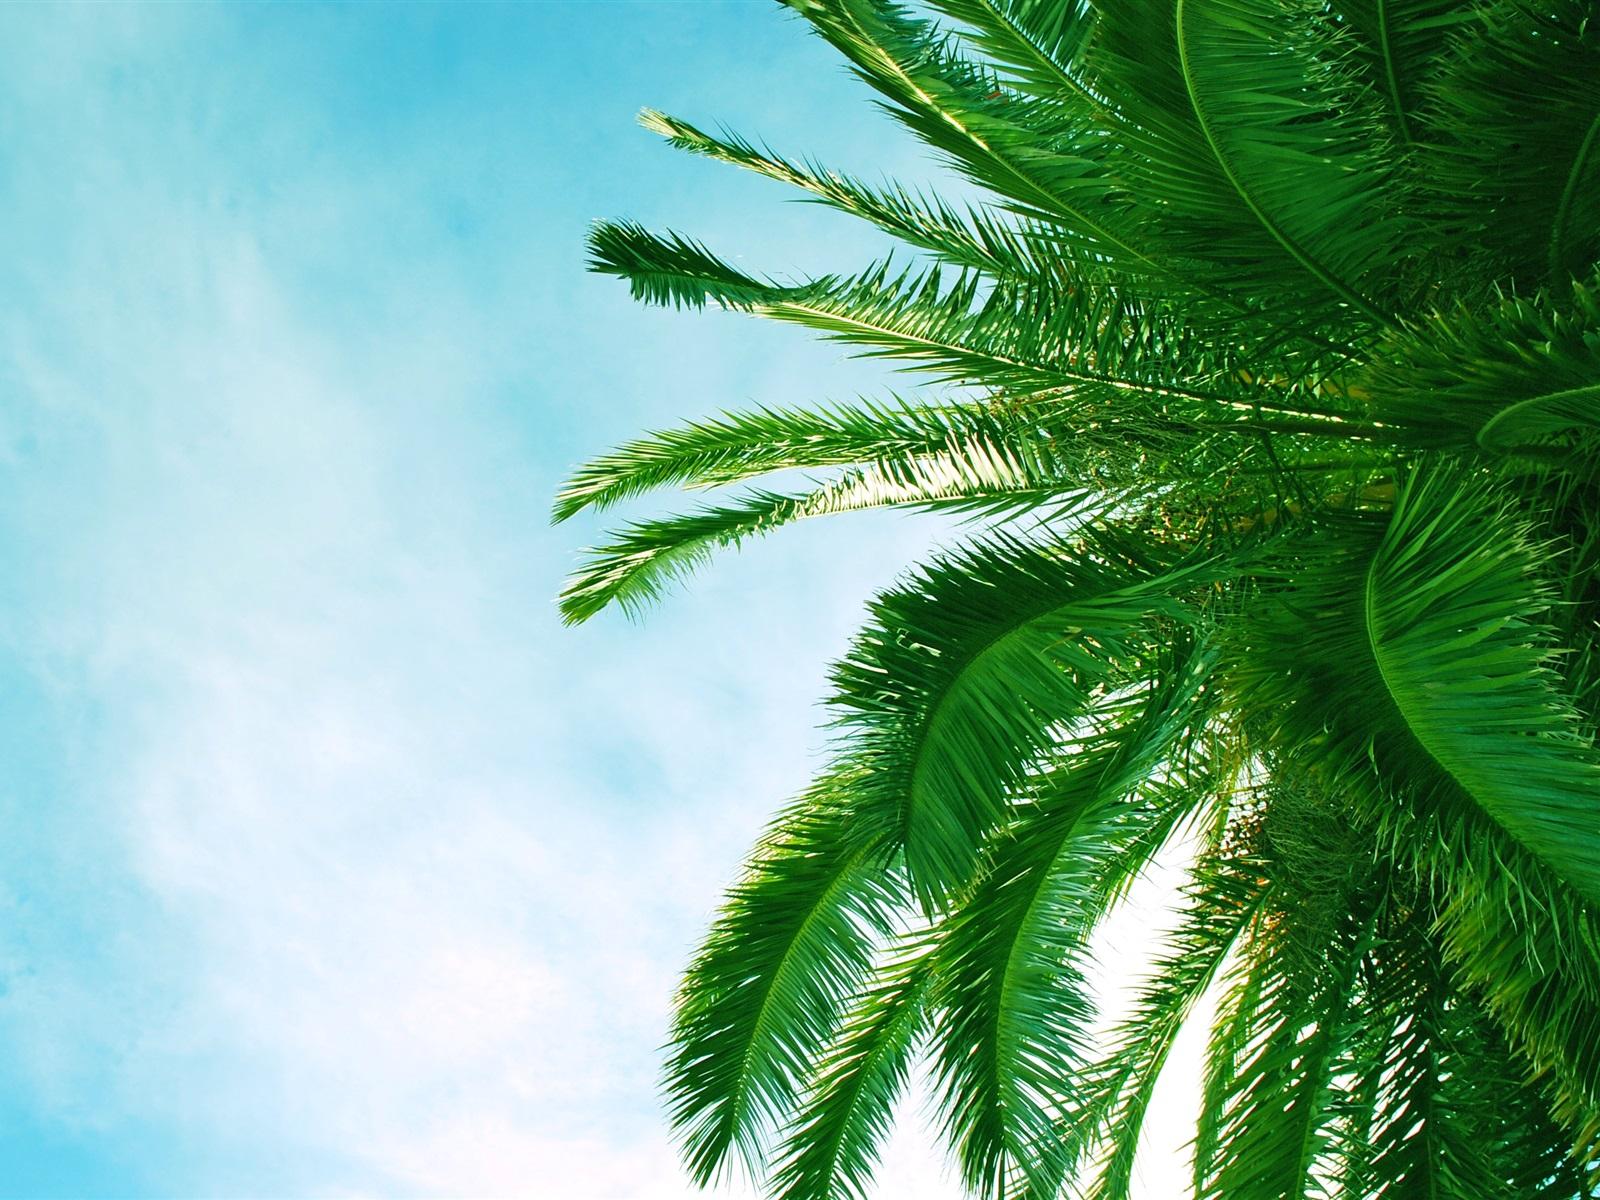 棕榈树的叶子,蓝蓝的天空,云 壁纸图片